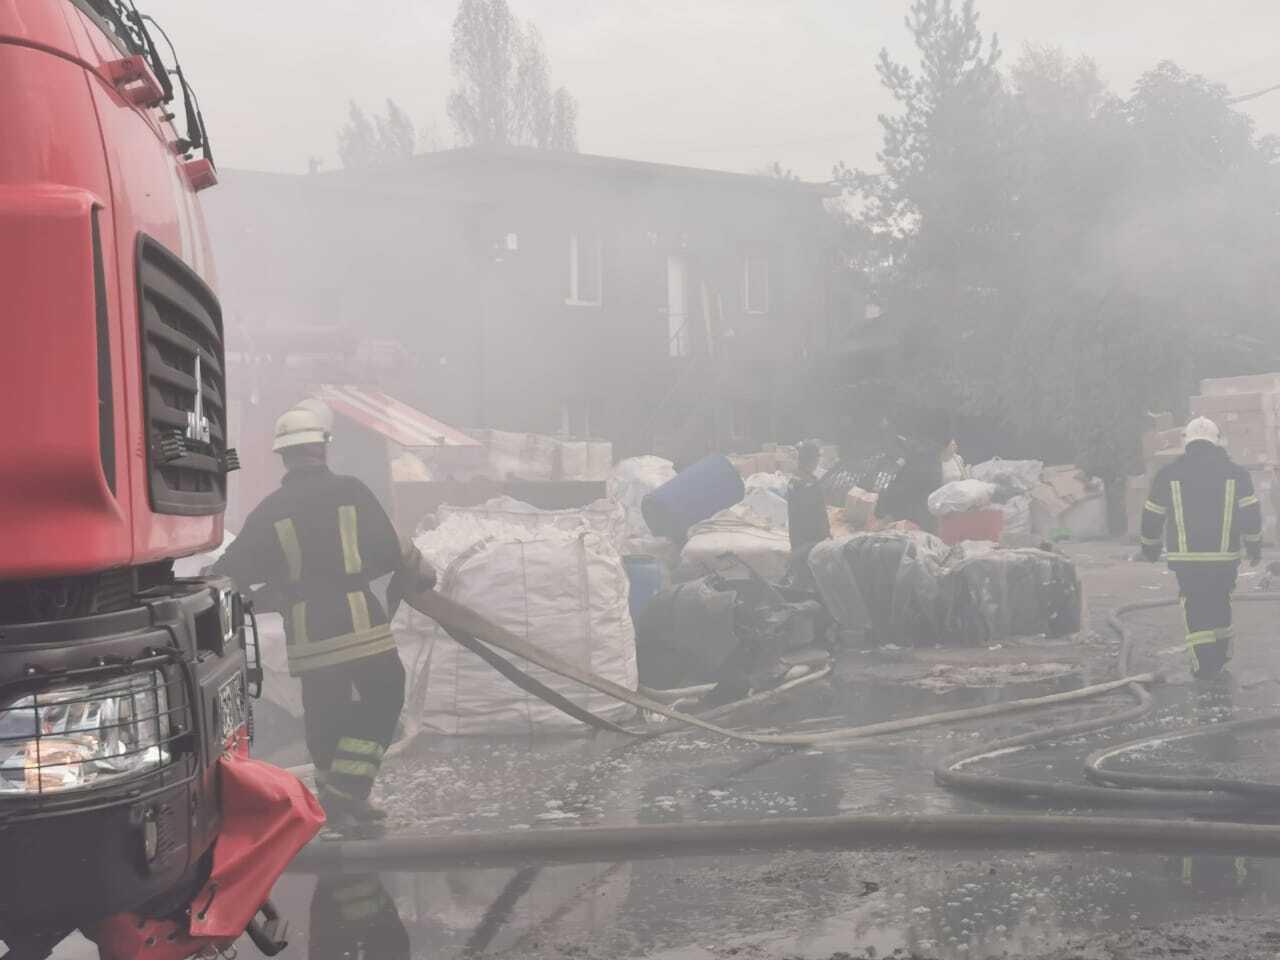 В ликвидации пожара принимали участие спасатели из нескольких районов